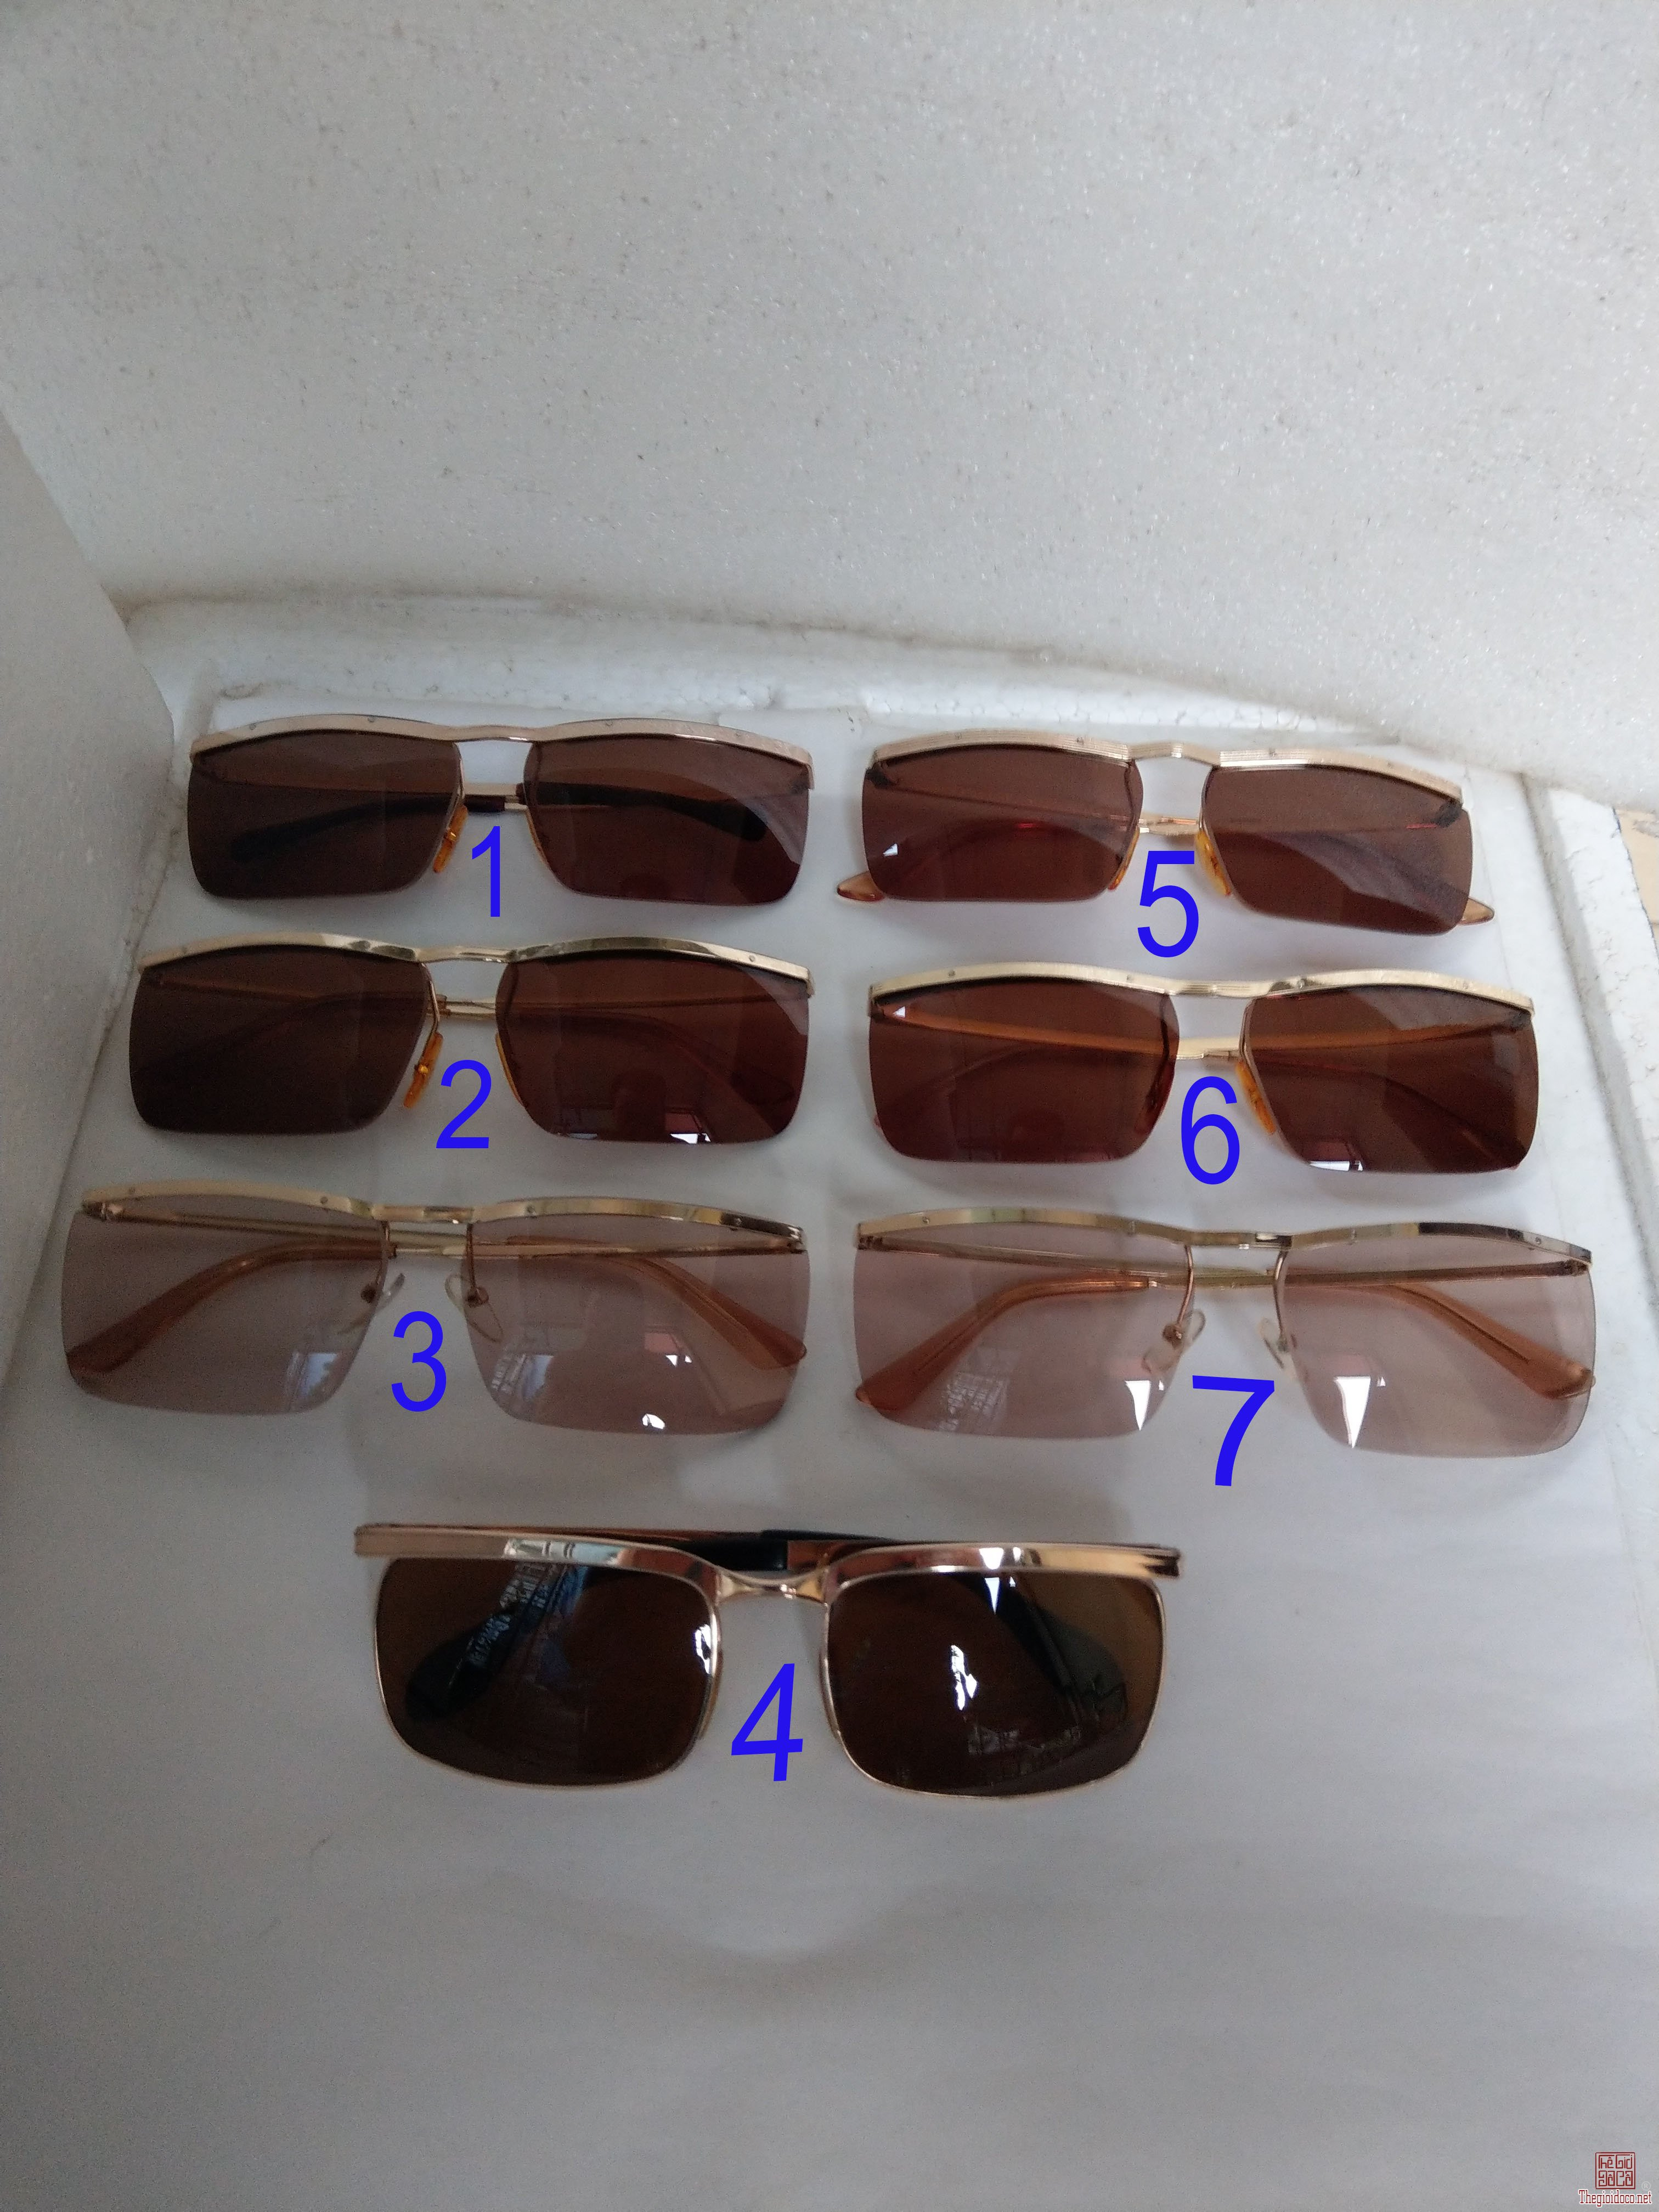 Có 7 cái kính cổ mạ vàng bọc vàng có đầy đủ các thương hiệu nổi tiếng trên toàn thế giới...vv